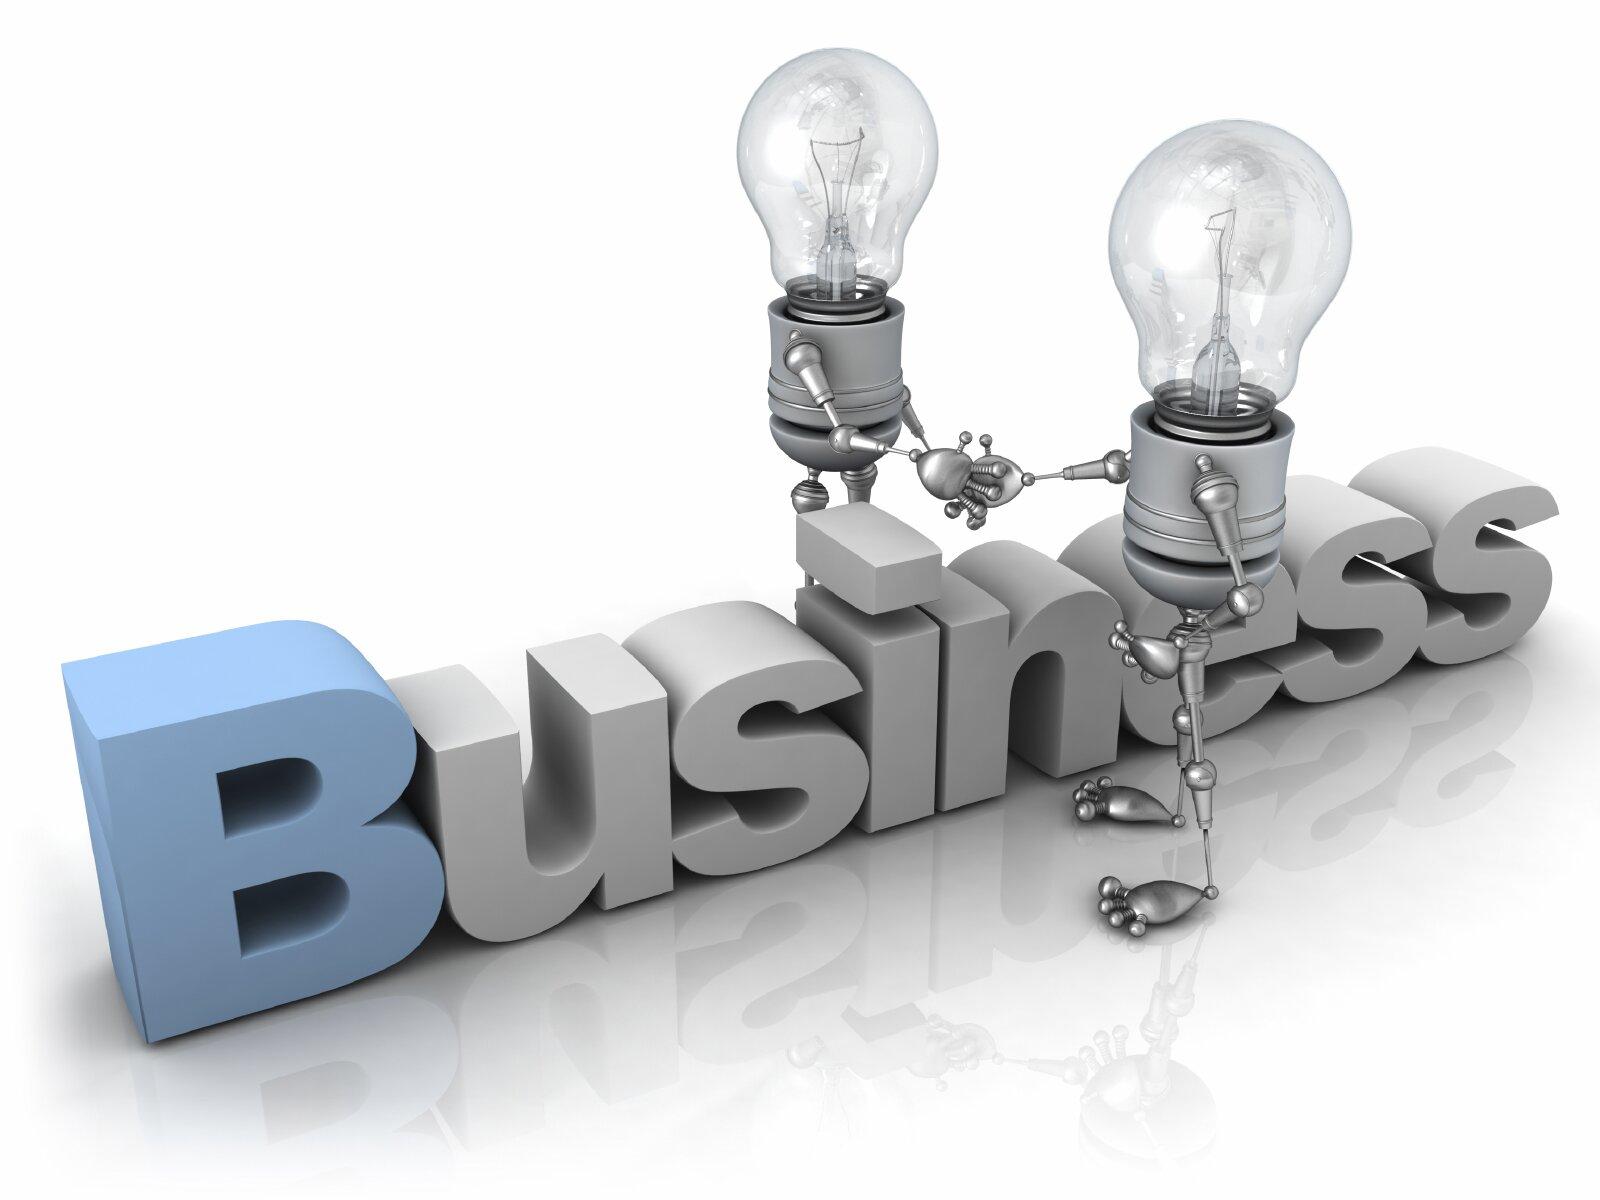 Бизнес выгодных инвестиций